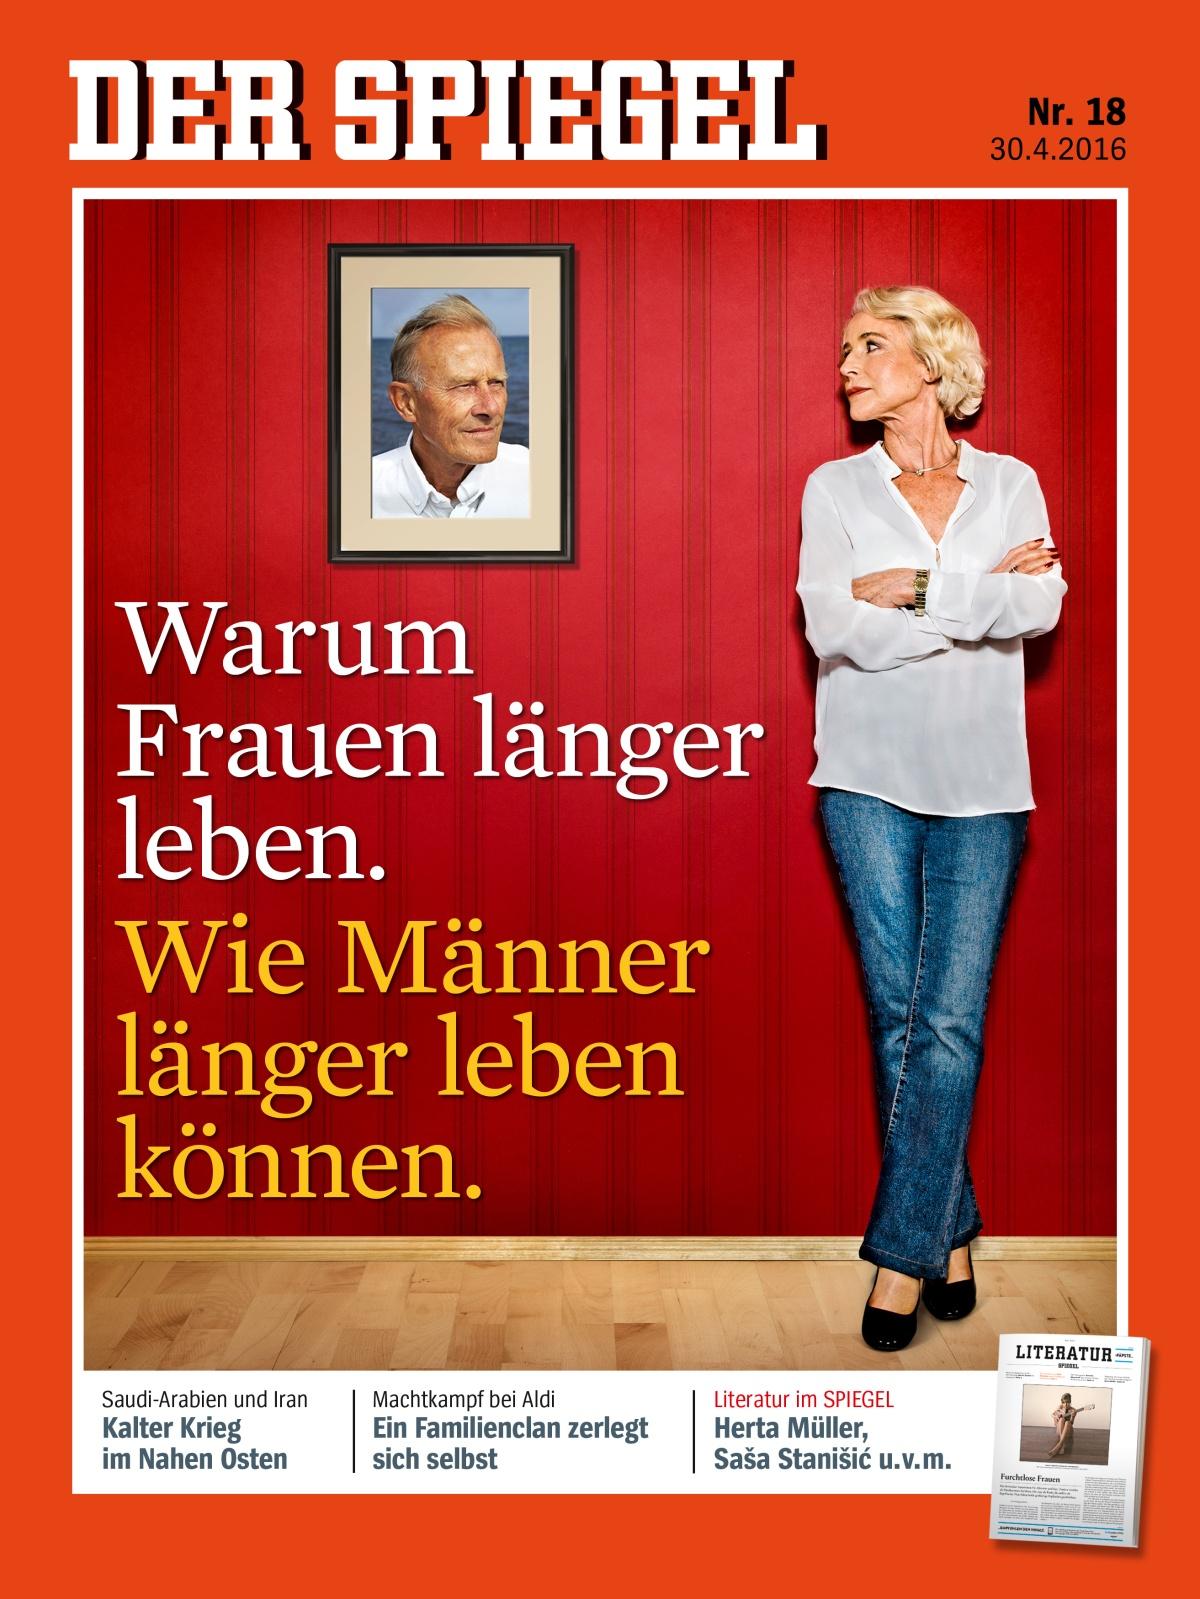 Forscher wollen spargelbetrug aufdecken der spiegel 2016 18 for Spiegel jahresbestseller 2016